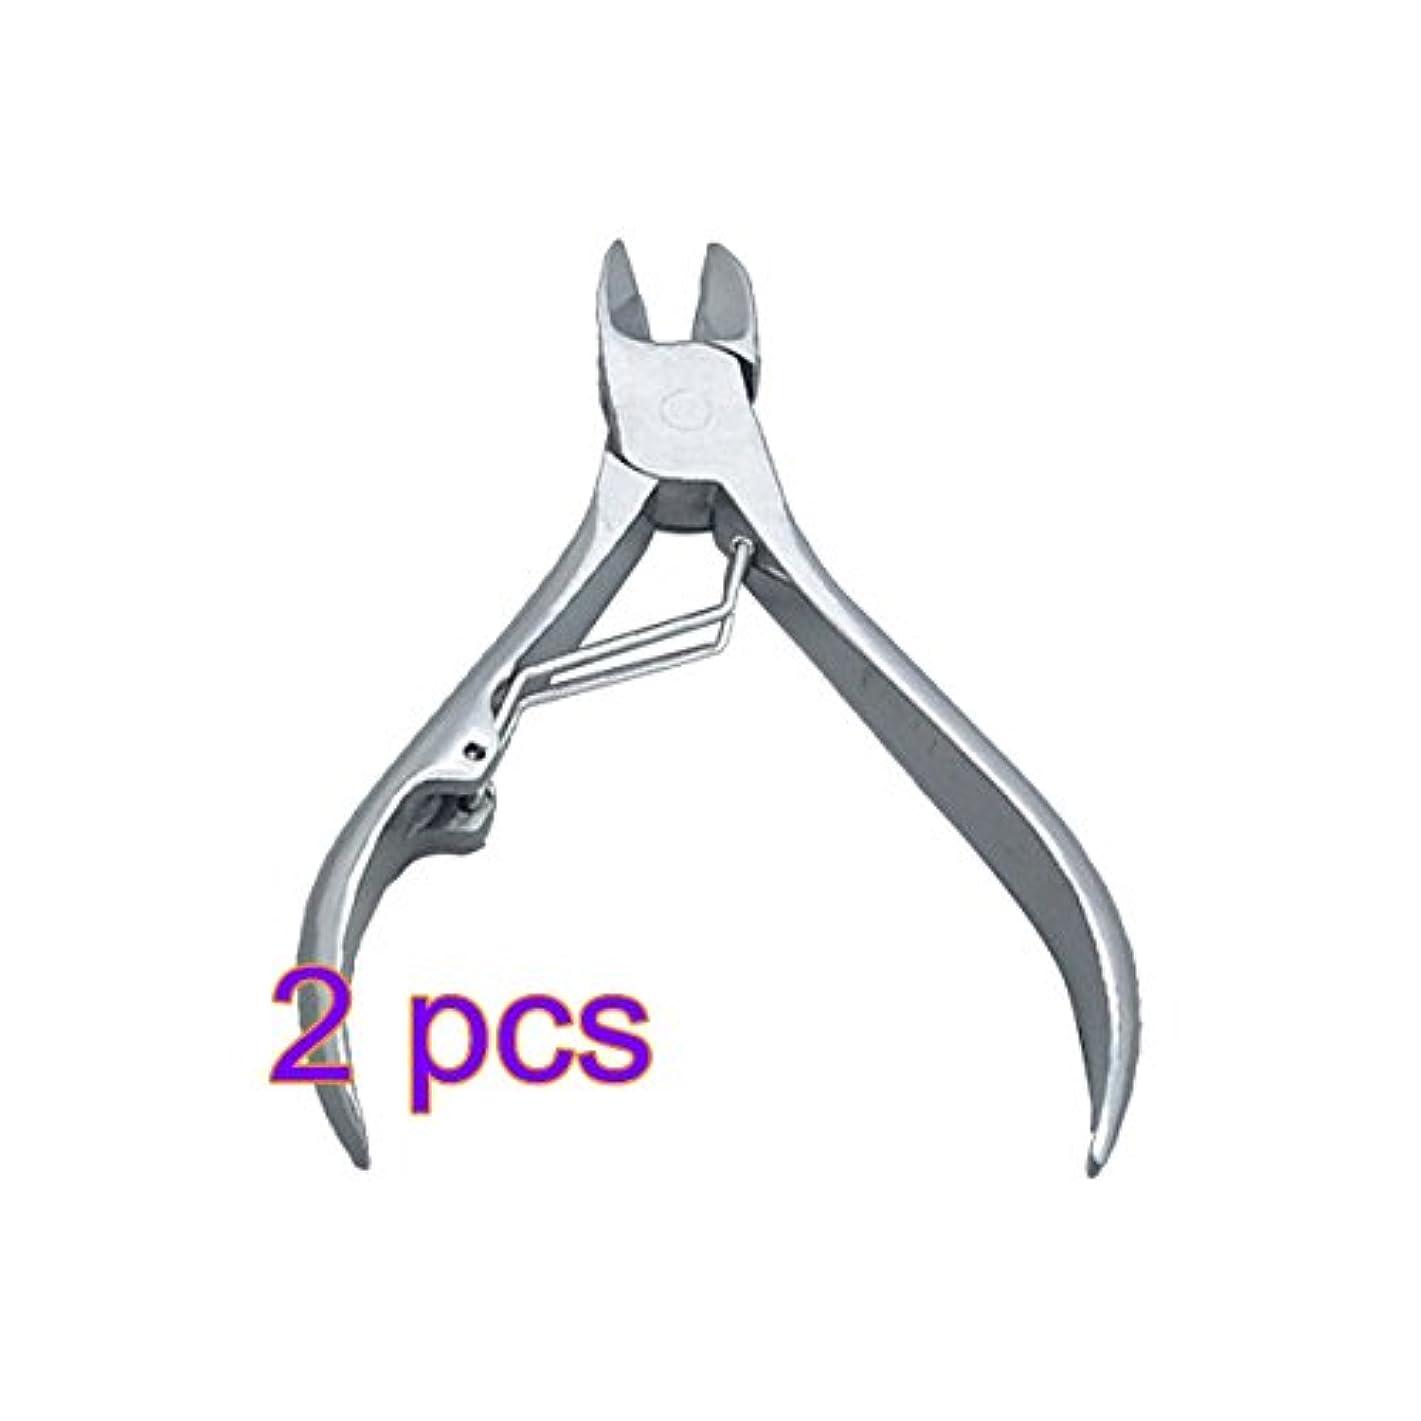 バクテリア加速する挑むFirlar 爪切り ニッパー式爪切り&ゾンデセット 厚い爪/陥入爪/巻き爪などに対応可能 (巻き爪、変形爪、爪周囲炎などに最適) ステンレス製 二個入り